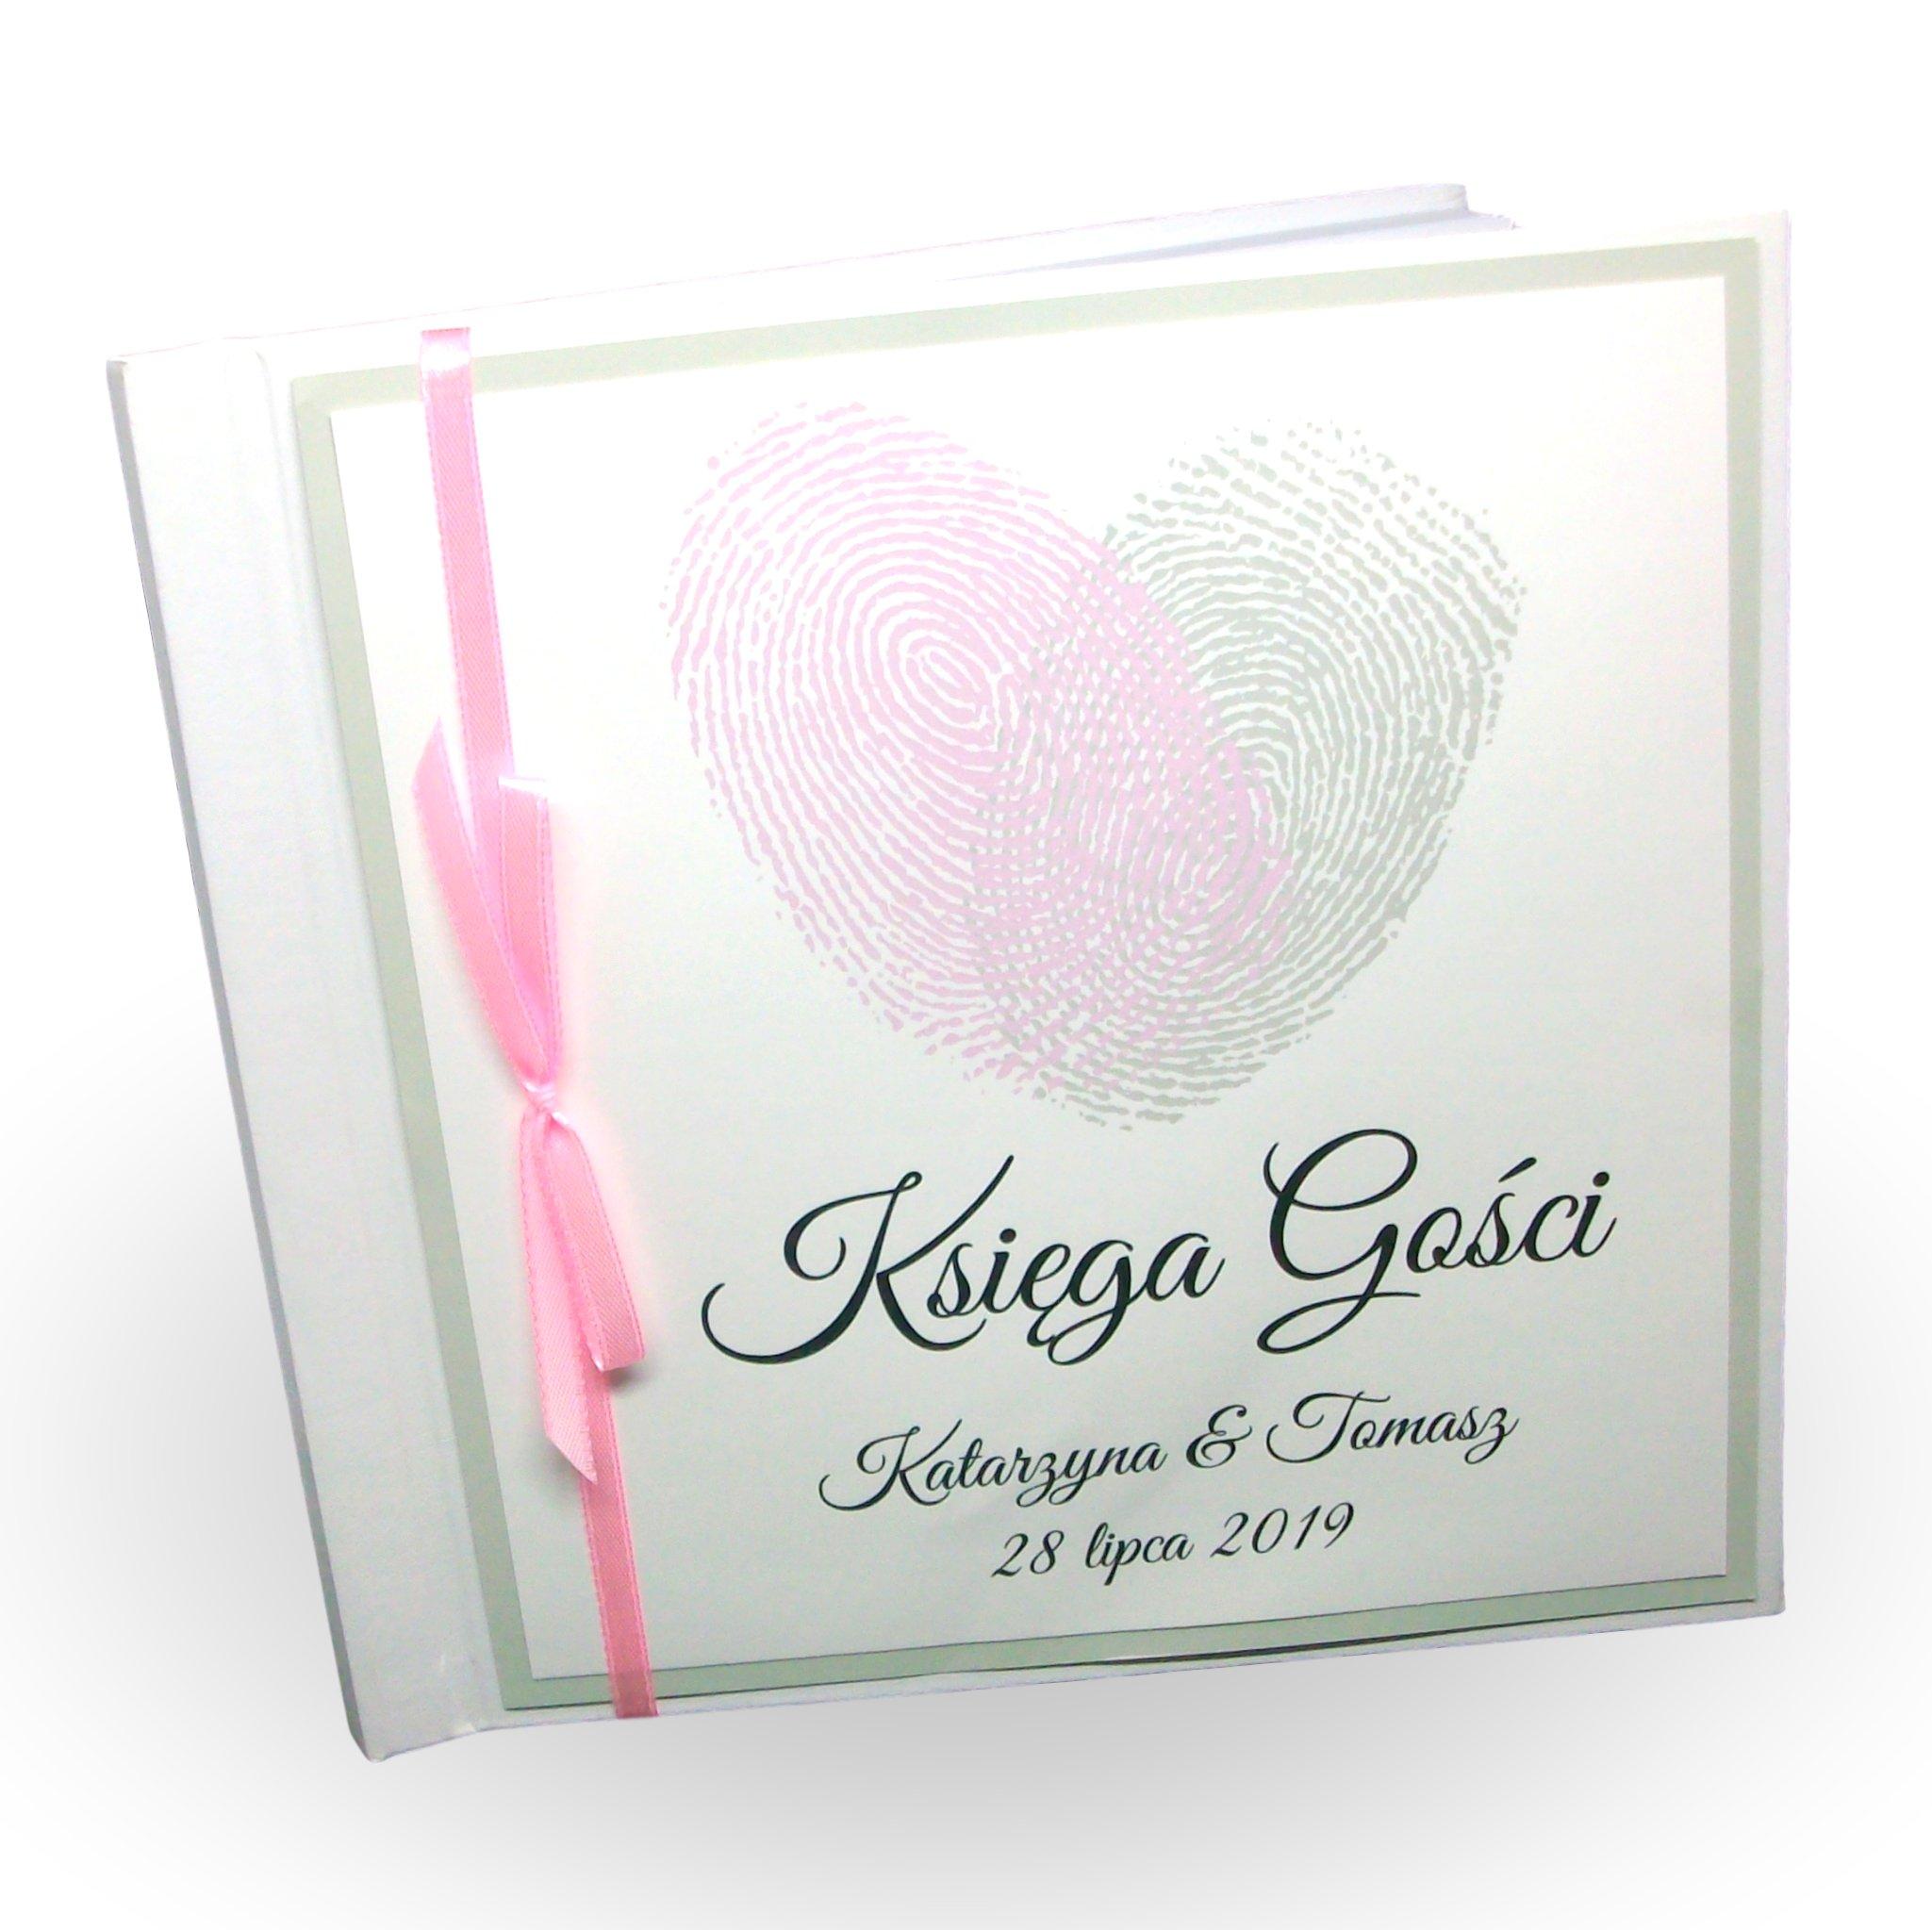 книга гостей свадьба крещение 18 год отпечаток палец